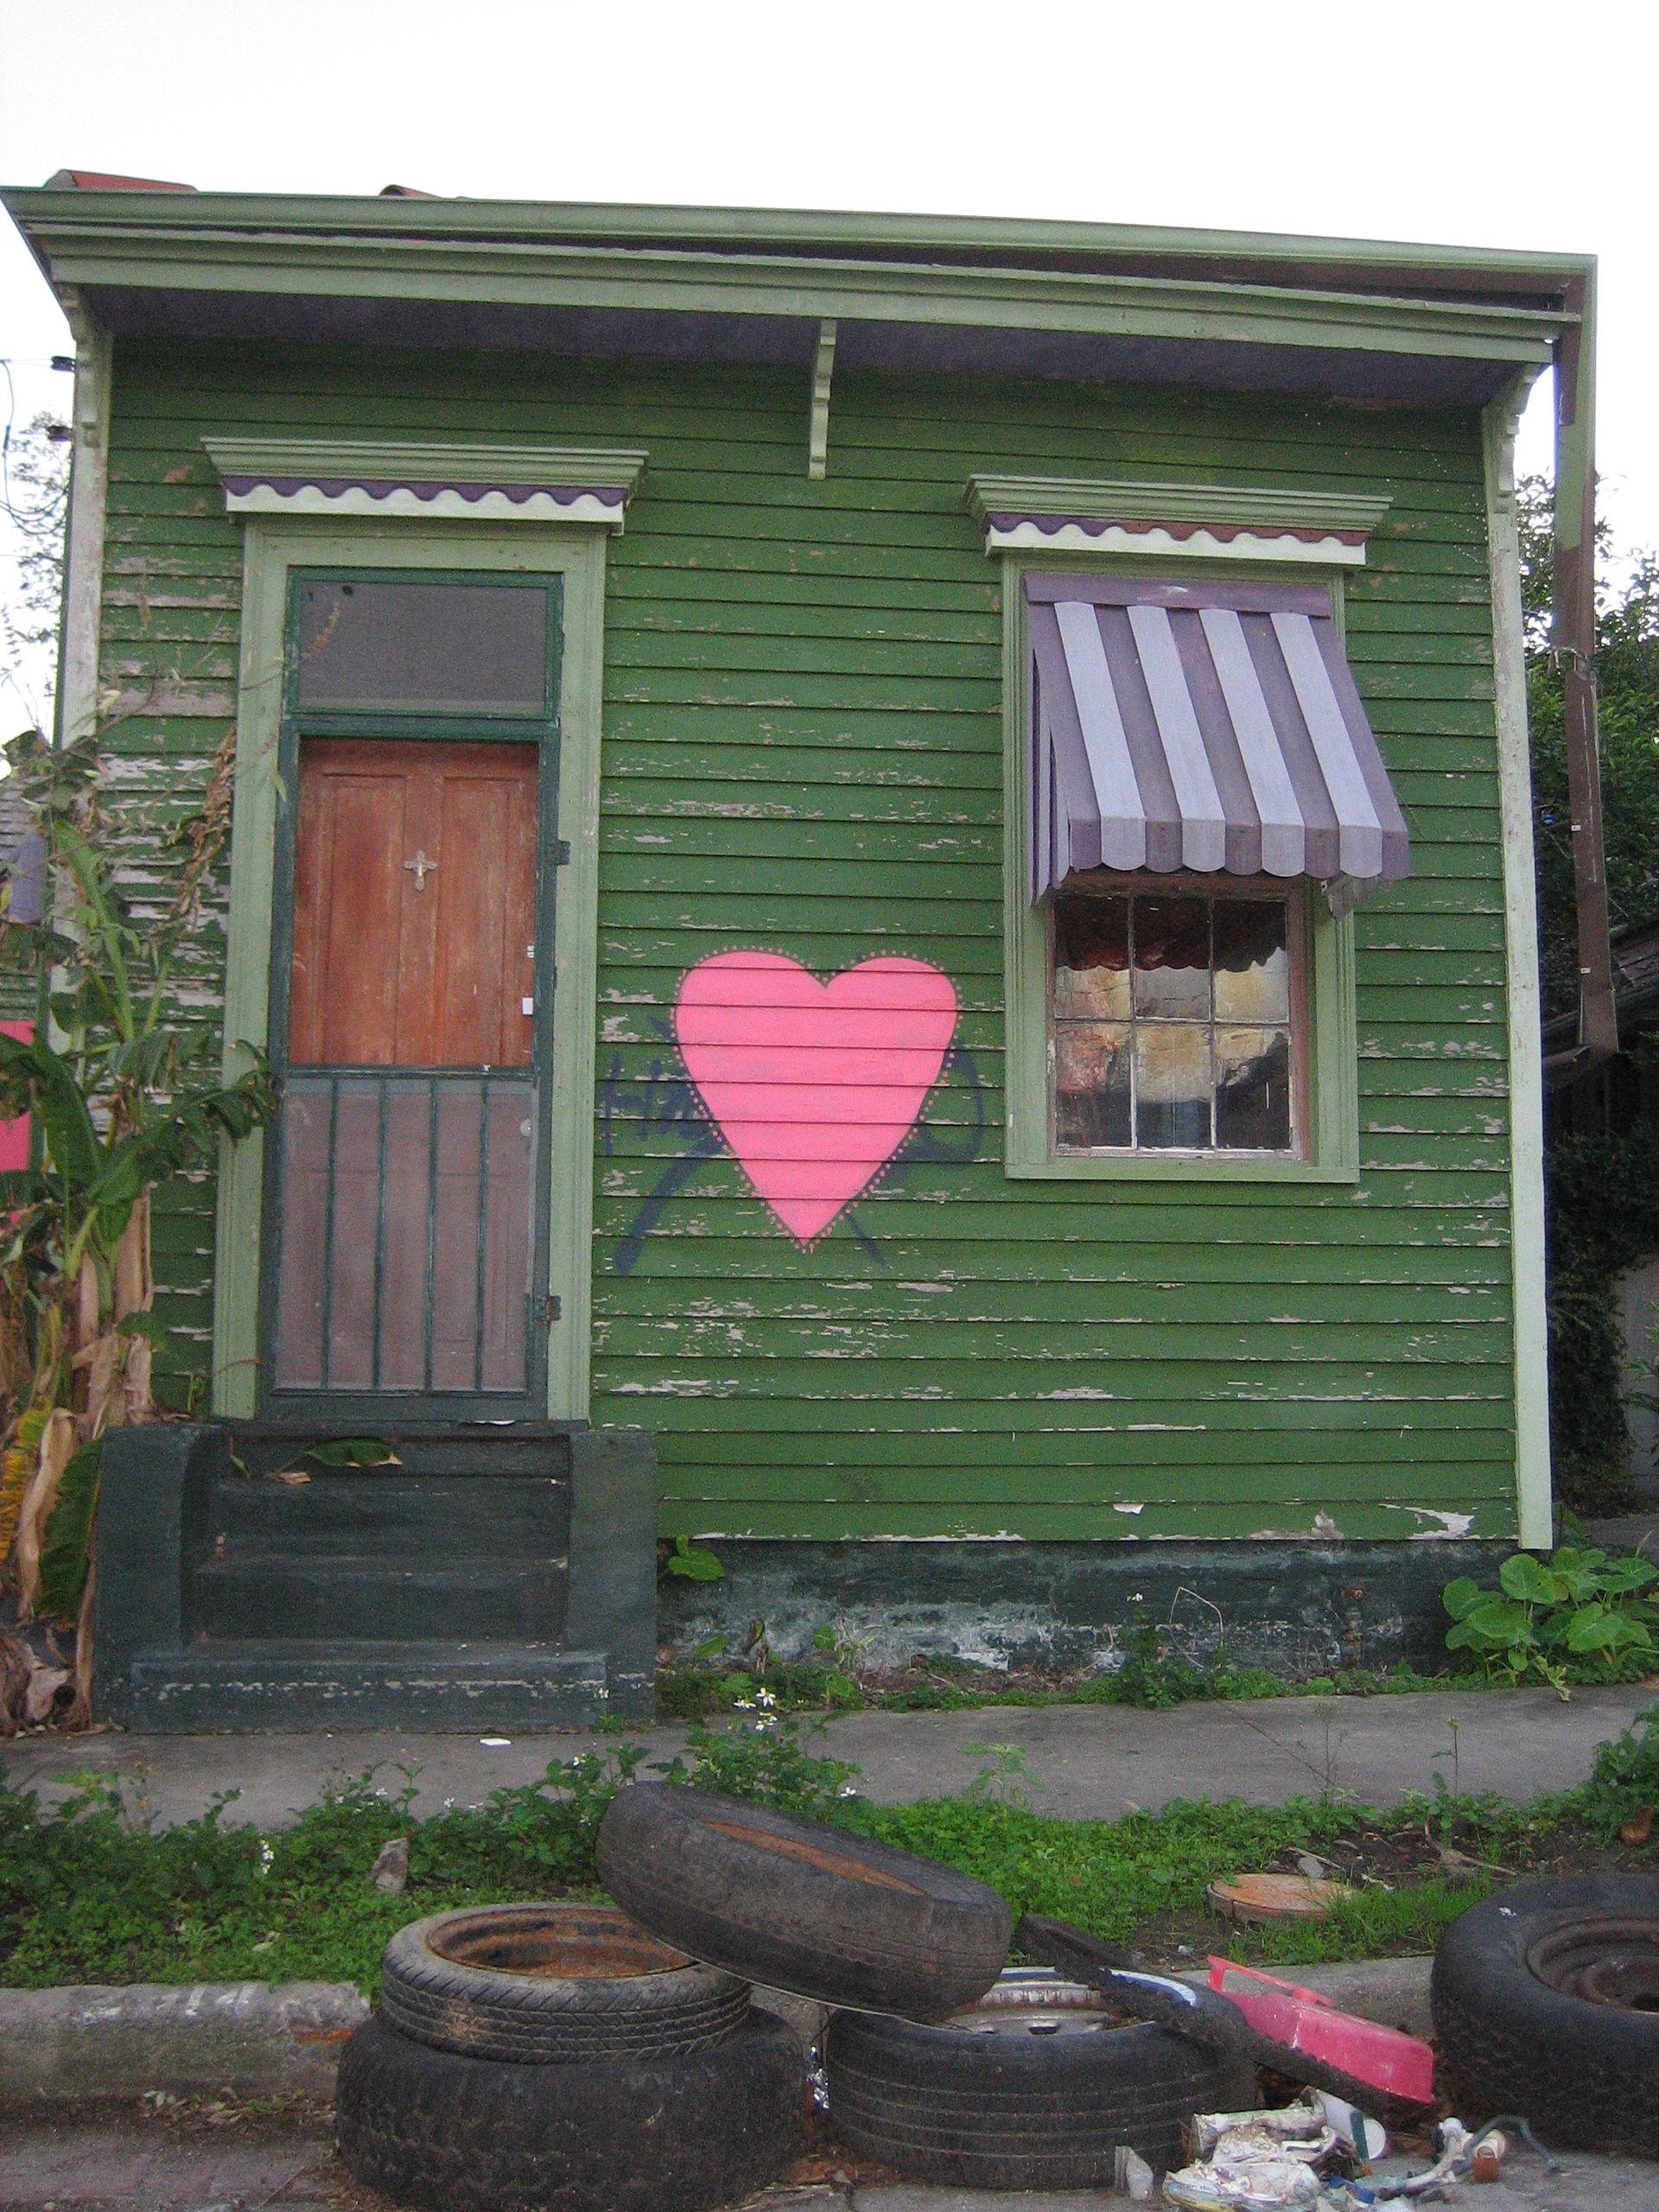 Shotgun house - Wikipe...